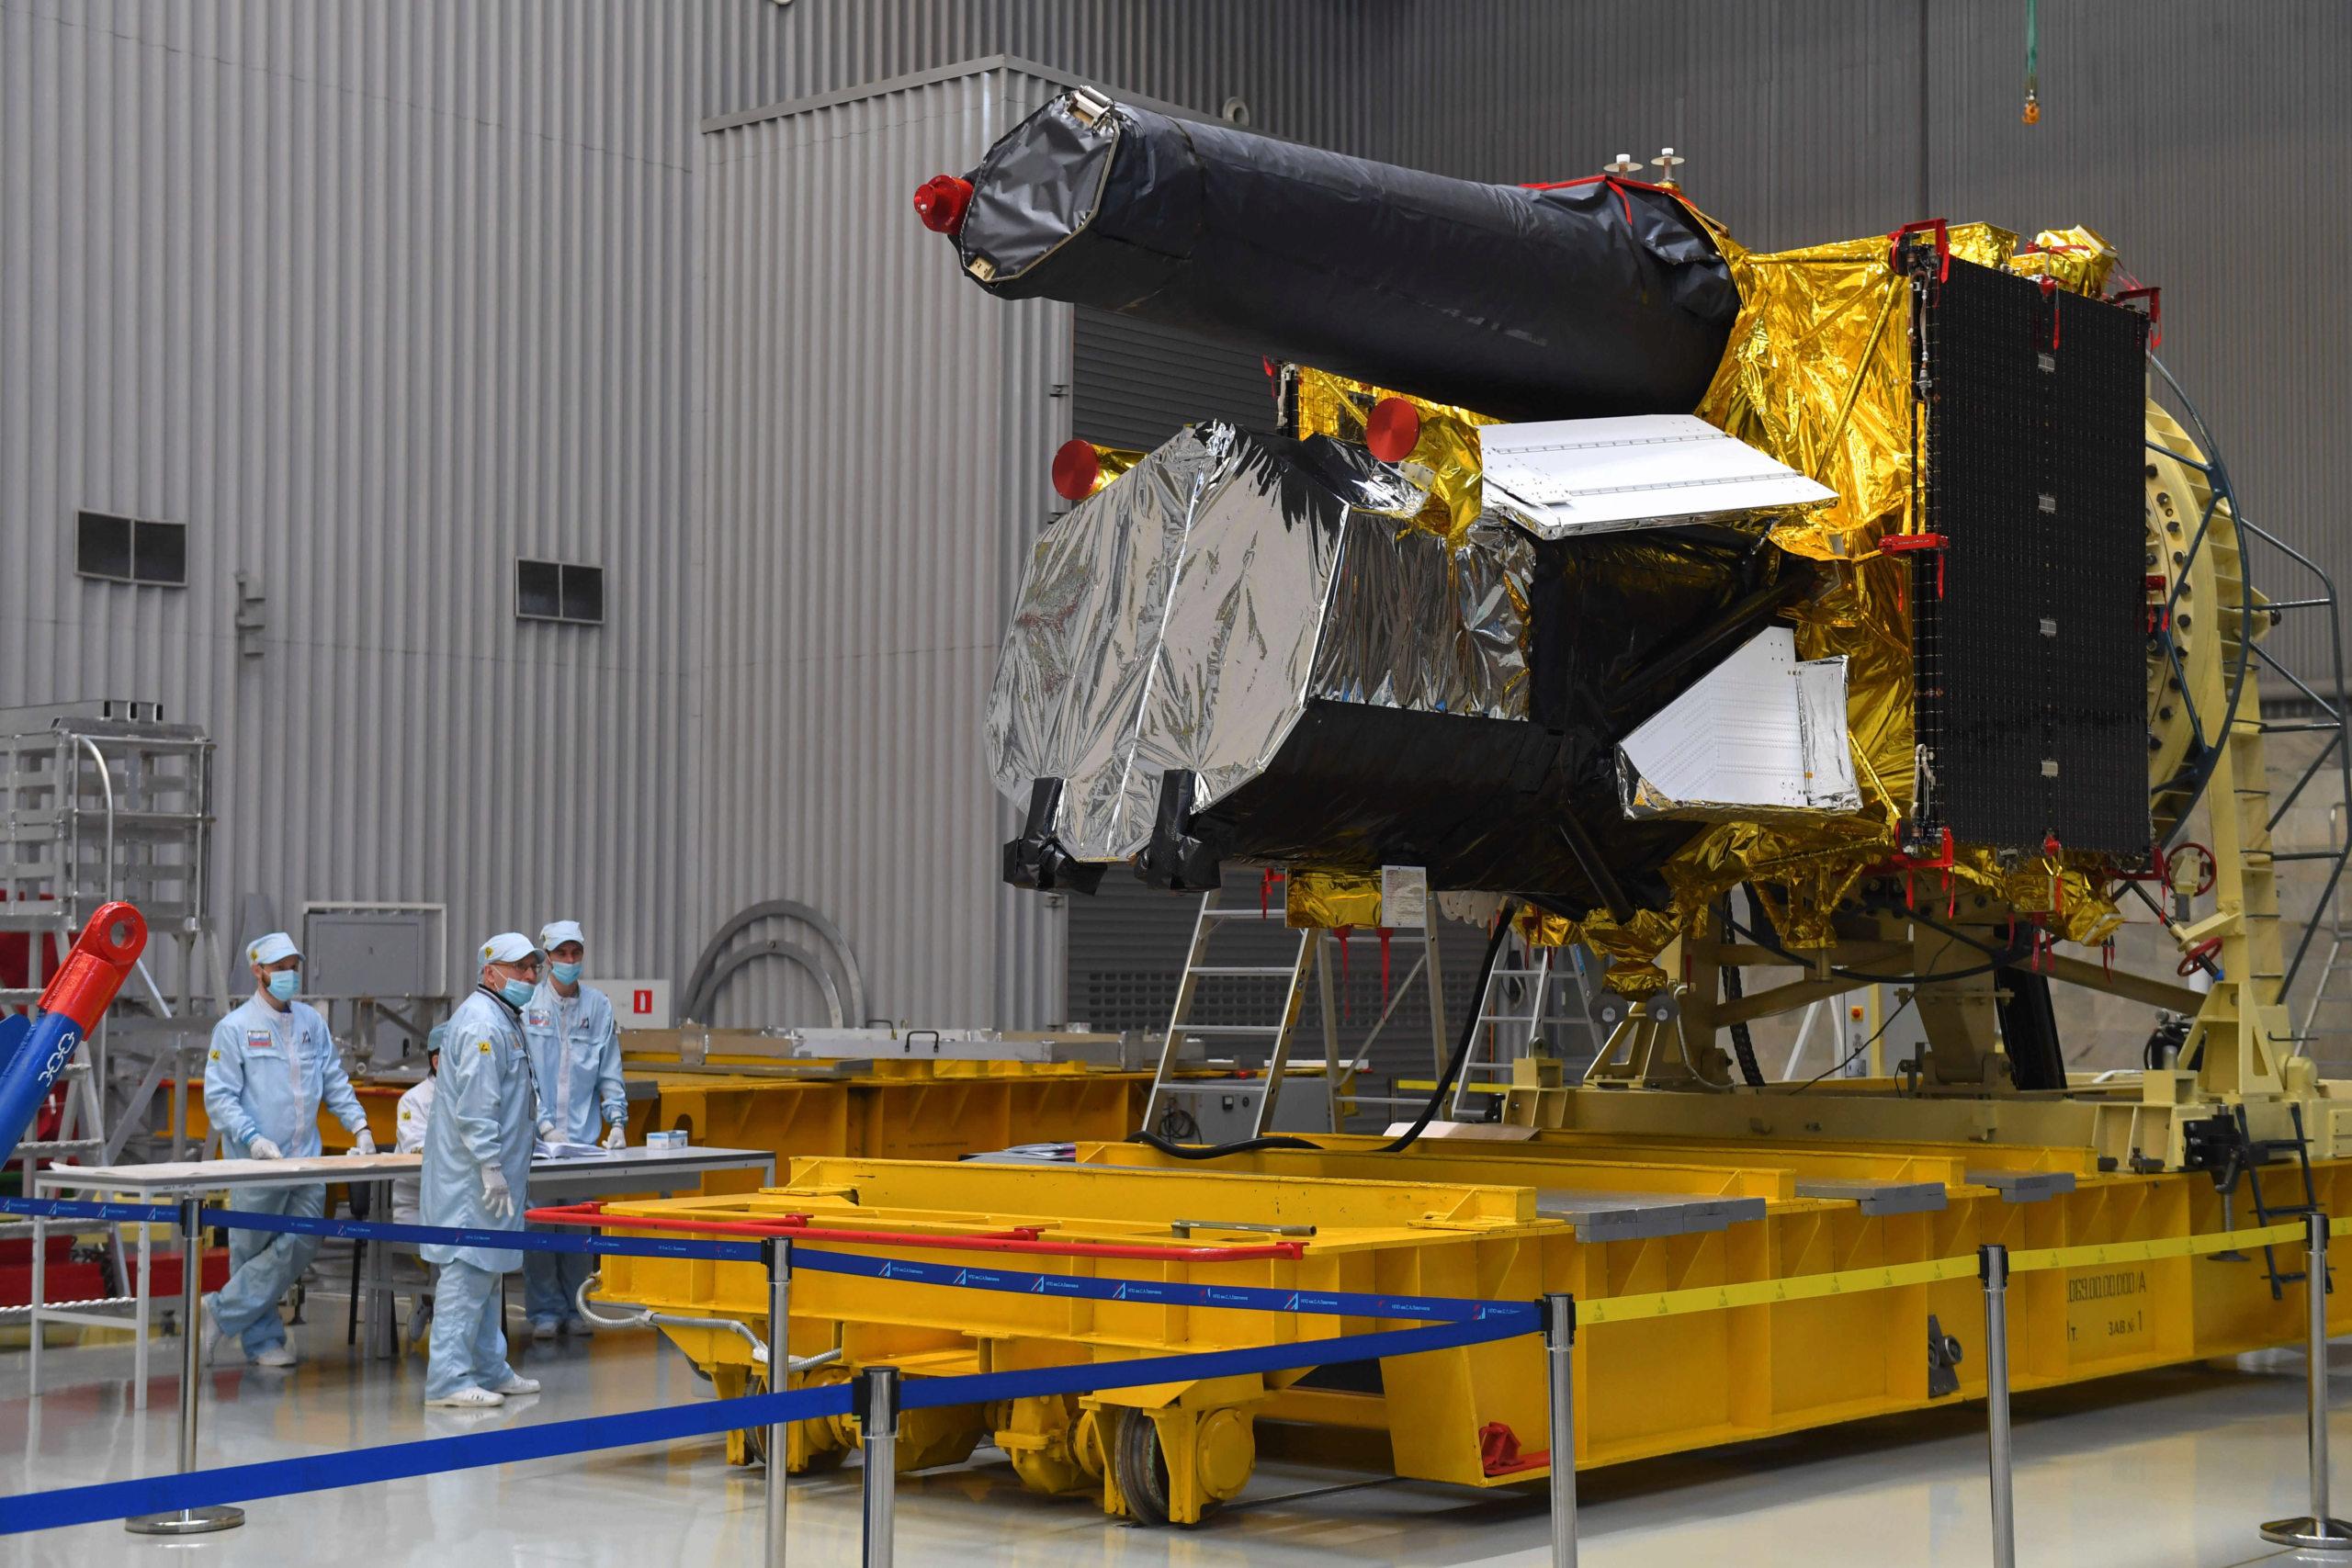 Proton-M - Block DM-03 (Spektr-RG) - Baï - 12.07.2019  398